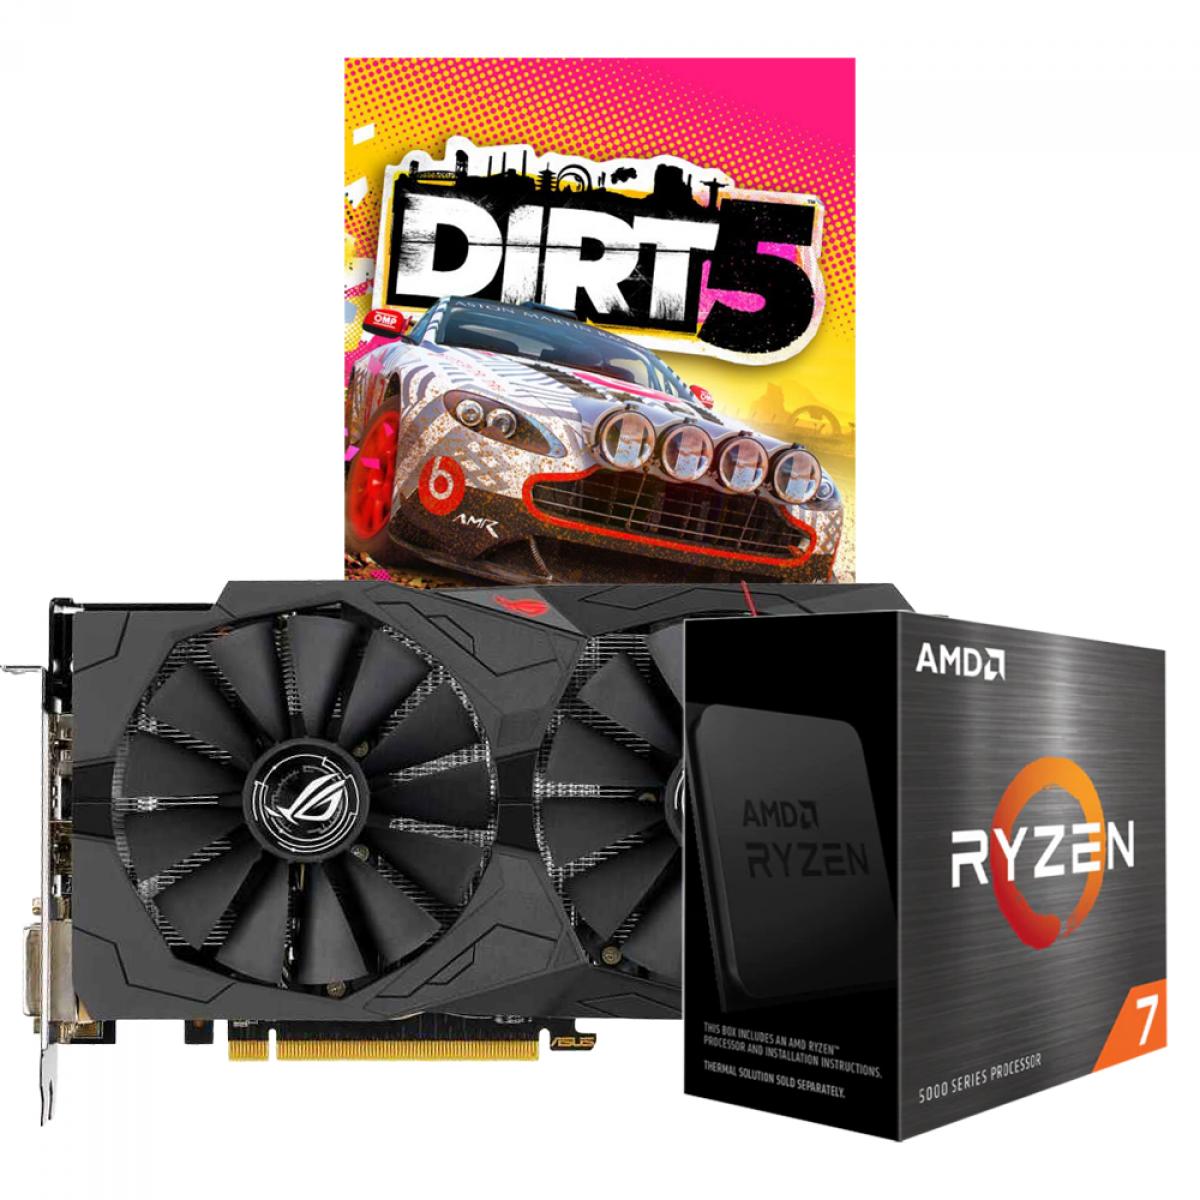 Kit Upgrade ASUS ROG STRIX RX 570 OC + AMD Ryzen 7 5800X + Brinde Jogo Dirt 5